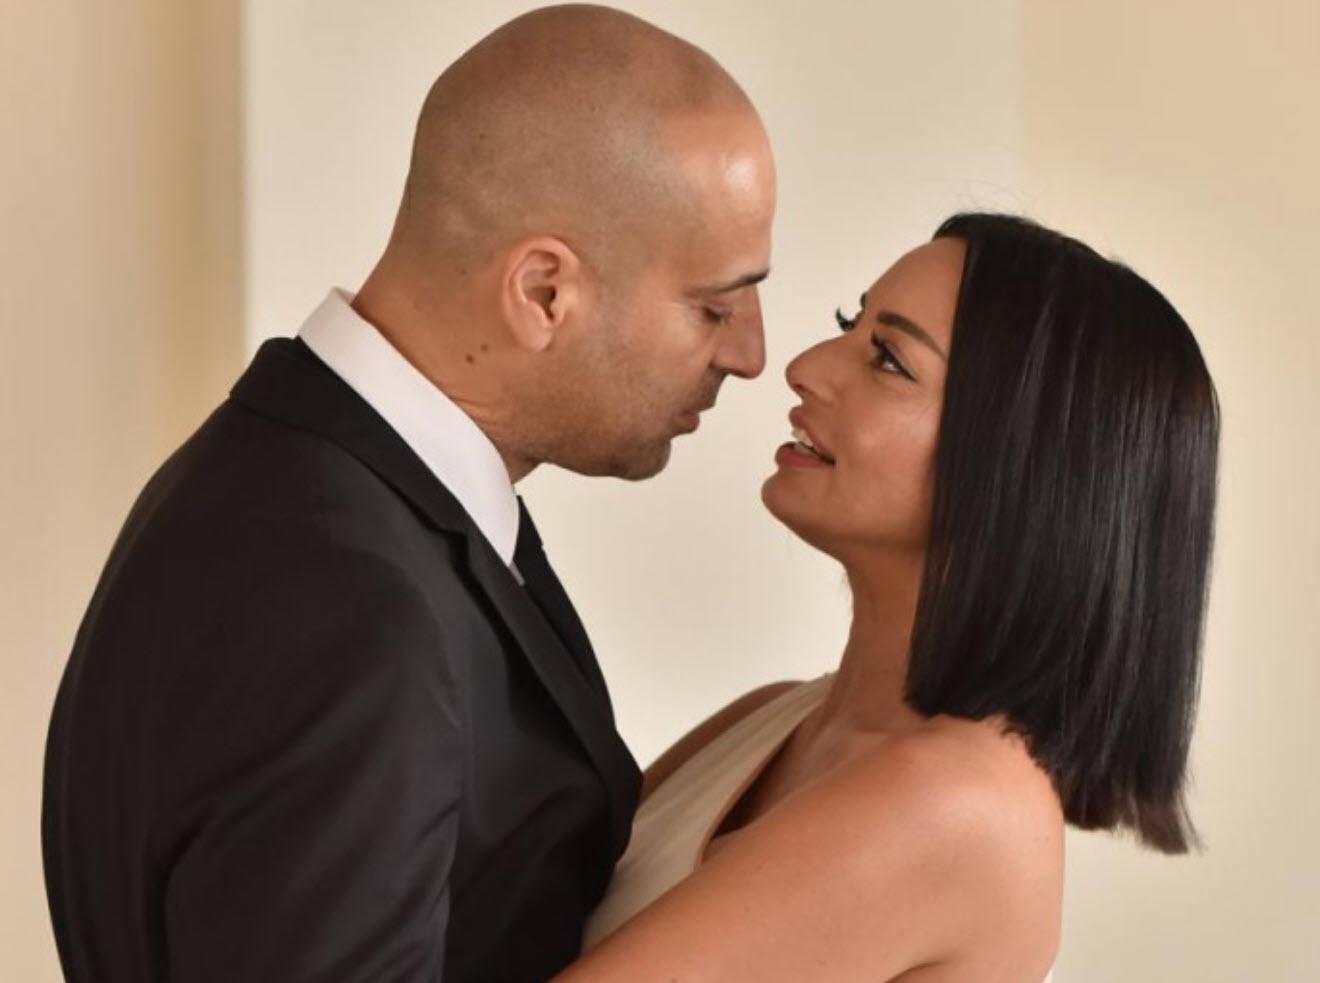 תאחלו לה מזל טוב: מאיה בוסקילה התחתנה עם עוזי אזולאי!!